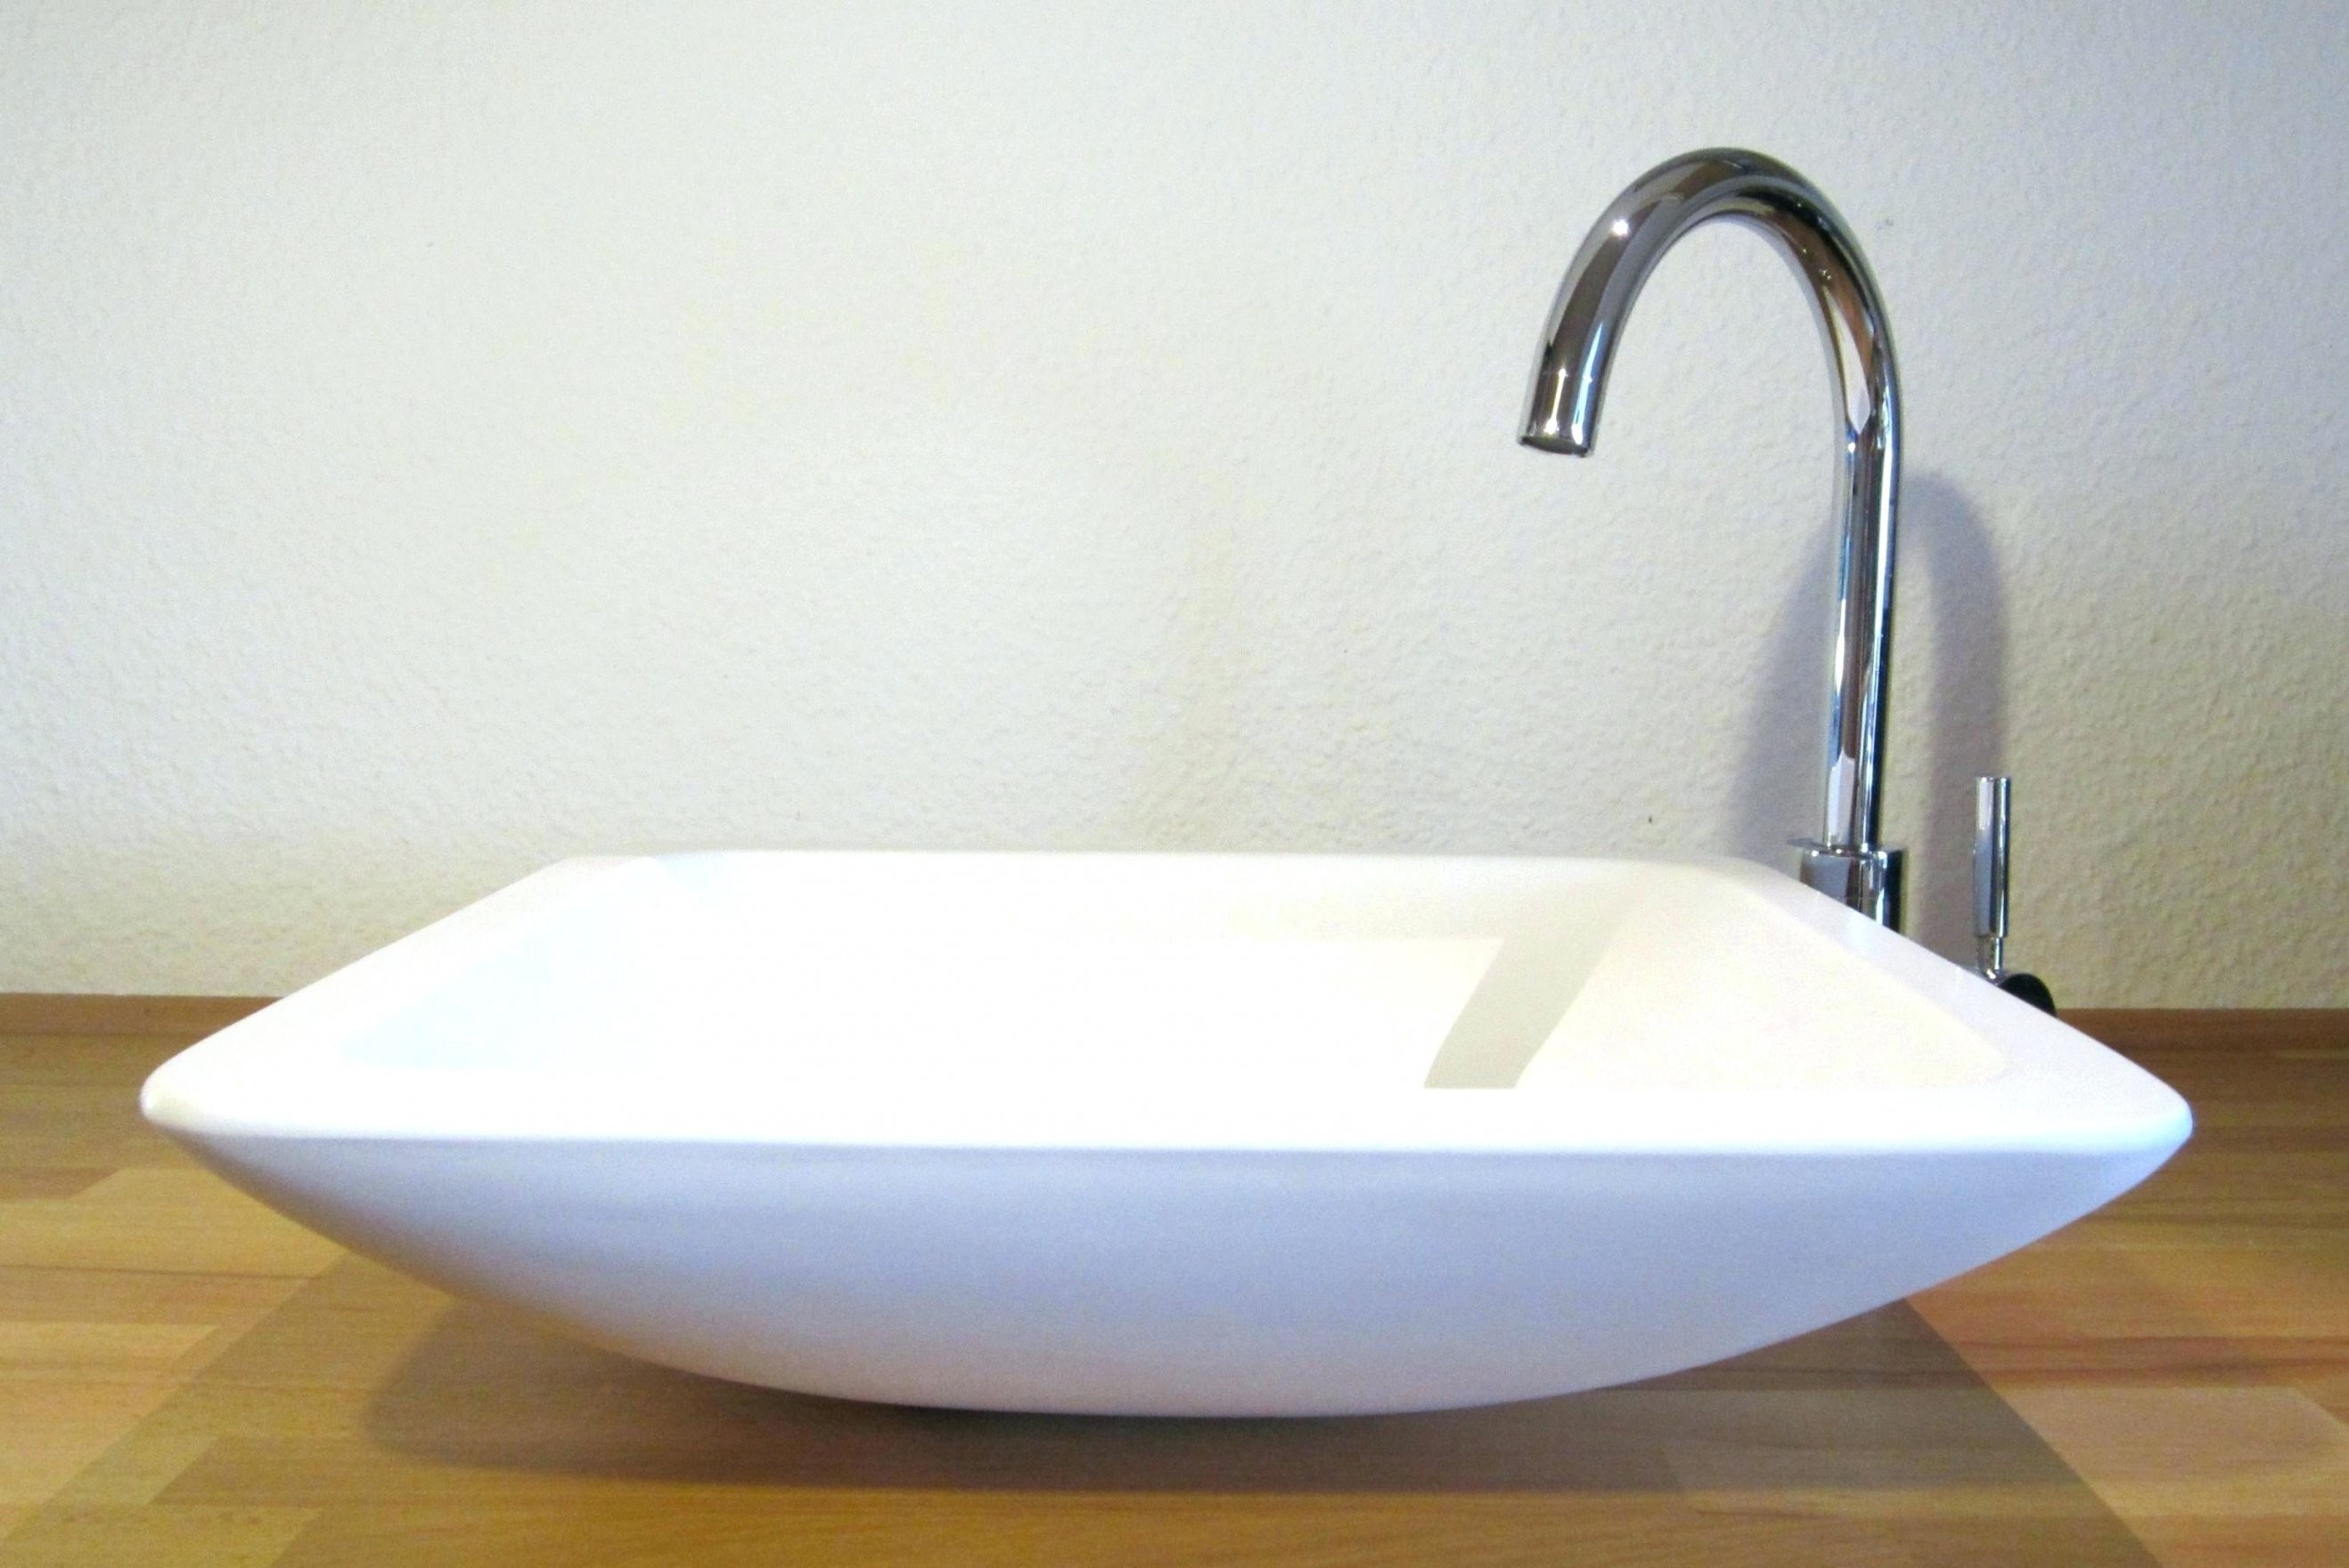 Wc Waschtisch Perfekt Kleine Waschtische Mit Waschbecken Klein Home von Wc Waschbecken Klein Photo